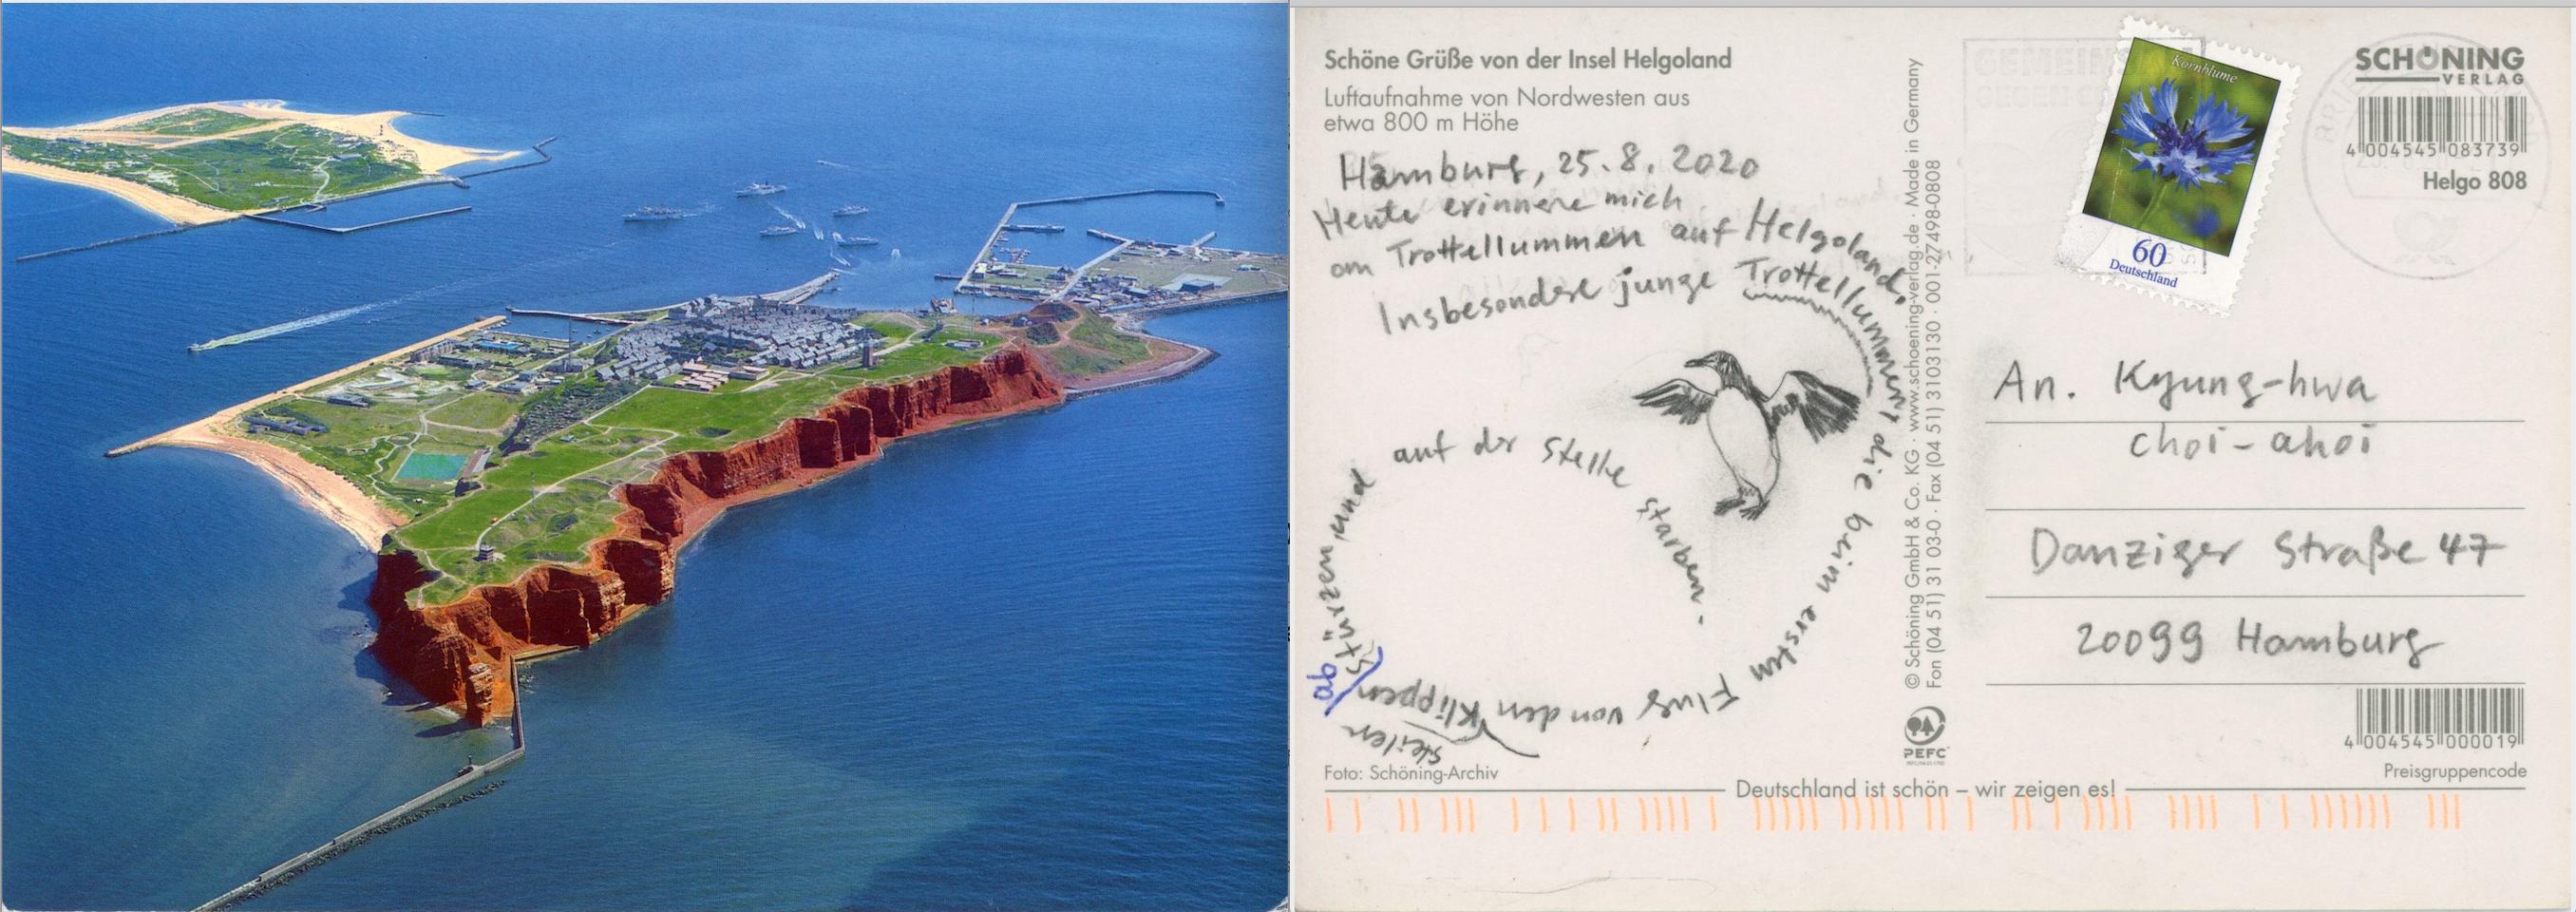 Kyung-hwa Choi-ahoi, Isola, MailArt Projekt mit 37 Ansichtskarten, 25. 8. 2020, Mischtechnik auf Postkarte, 15 x 10 cm